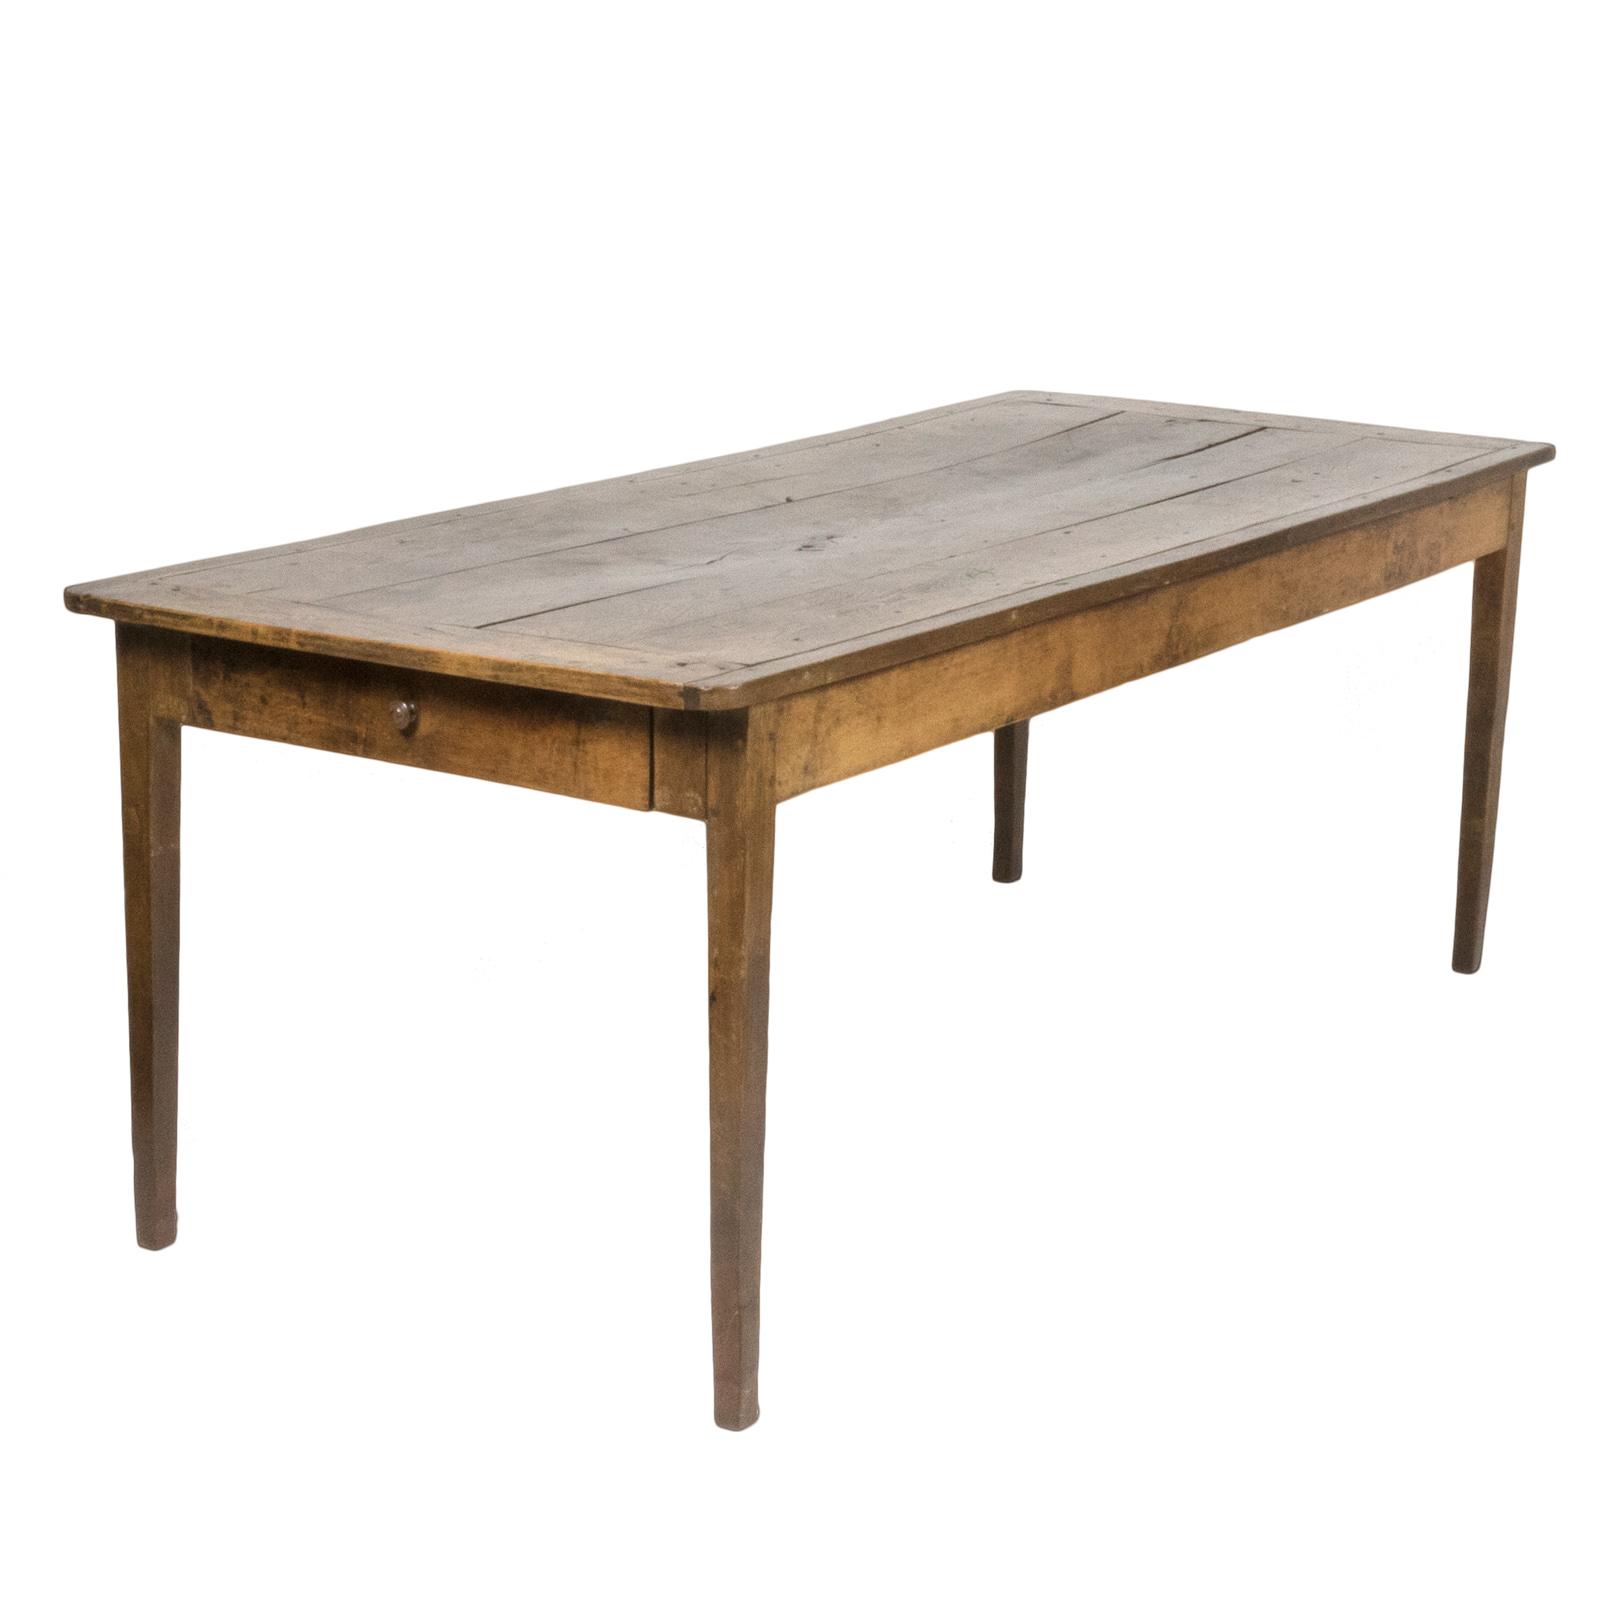 a rare elmwood vintage farmhouse table 19th c 415 355 1690 rh gardencourtantiques com vintage farm tables for sale vintage farm table legs